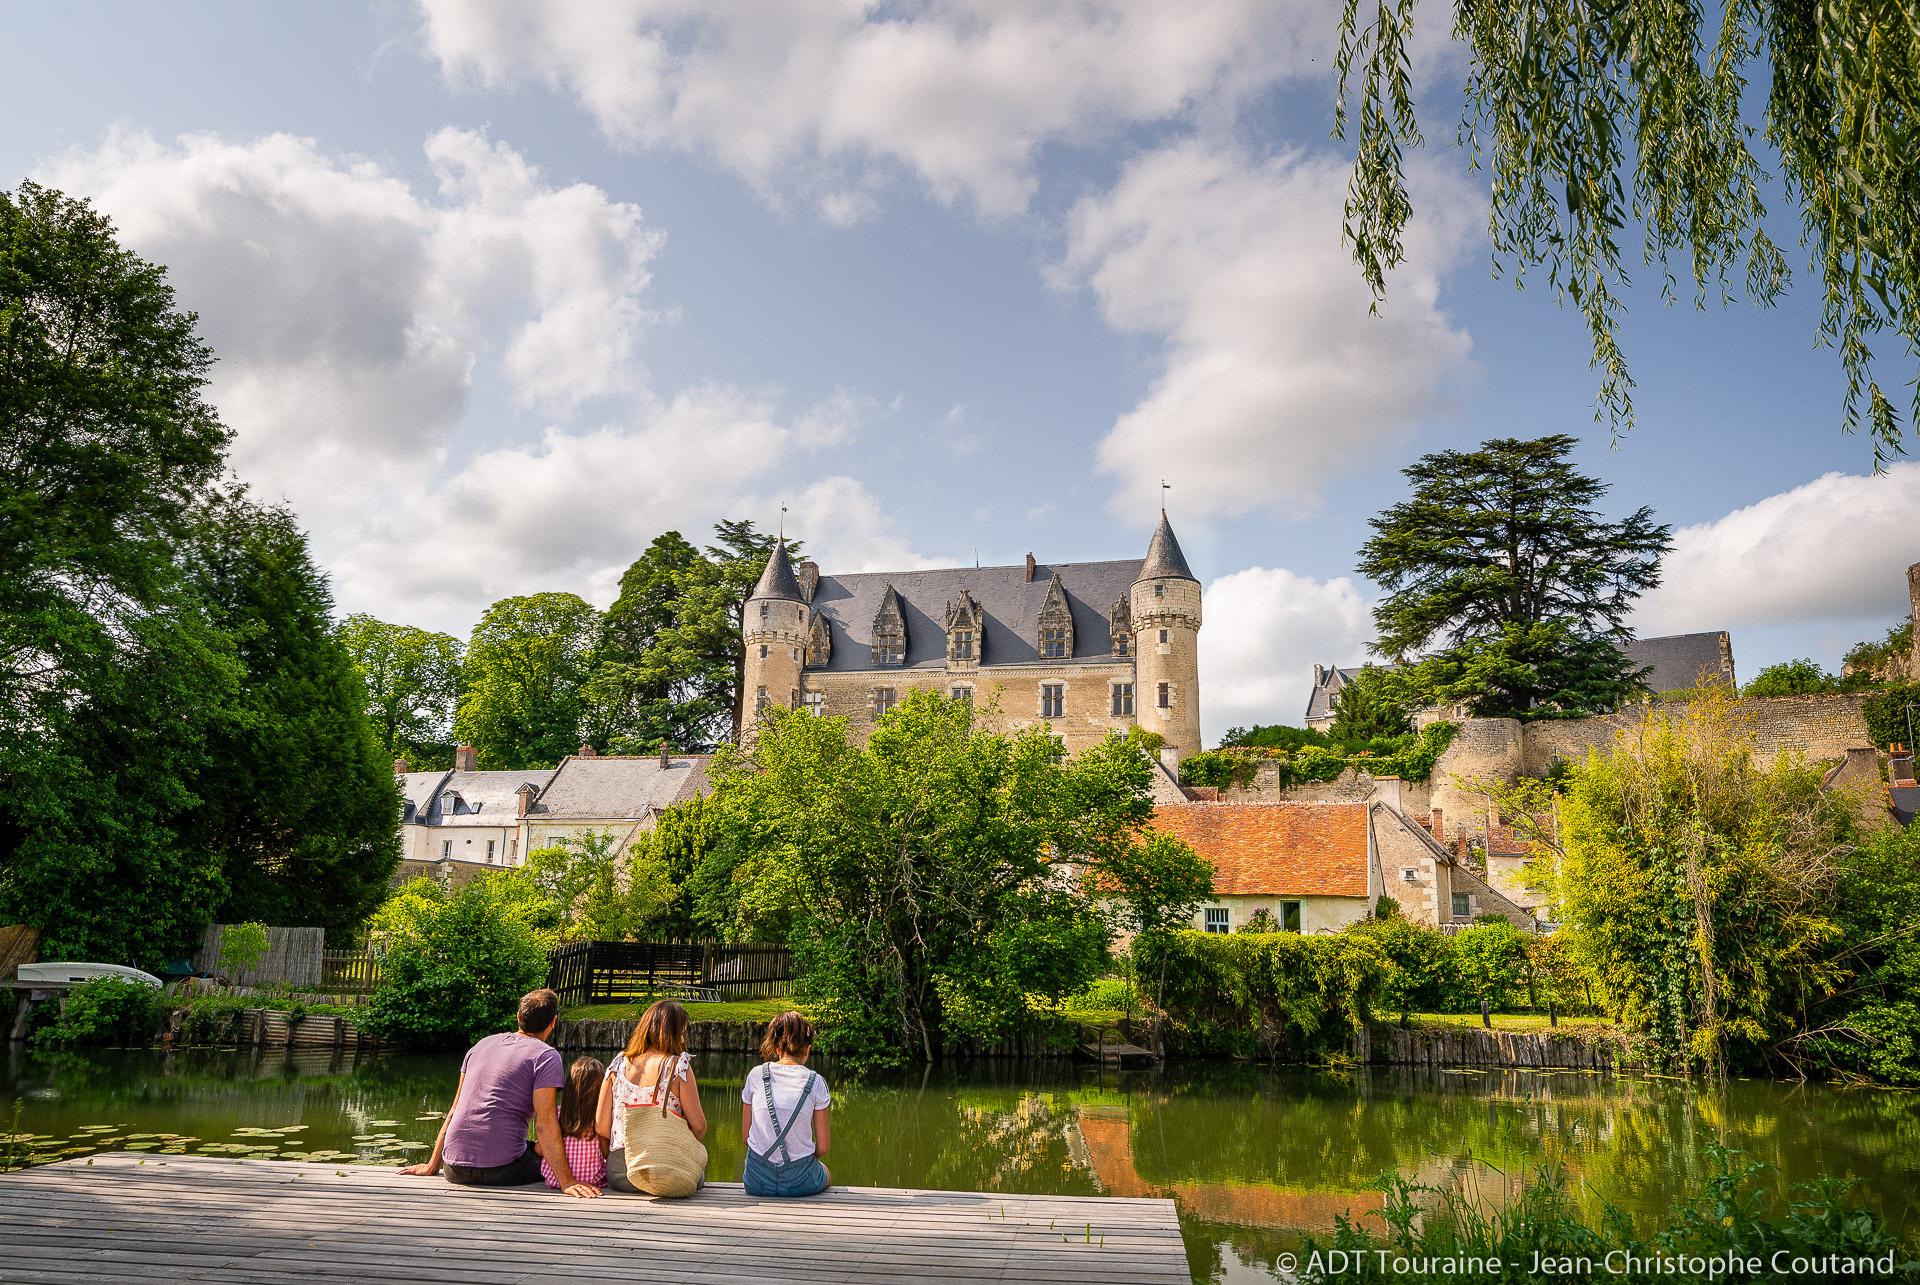 Le village de Montrésor, près de la ville de Loches, France (code postal 37600). Il est traversé par l'Indrois, un affluent de l'Indre.